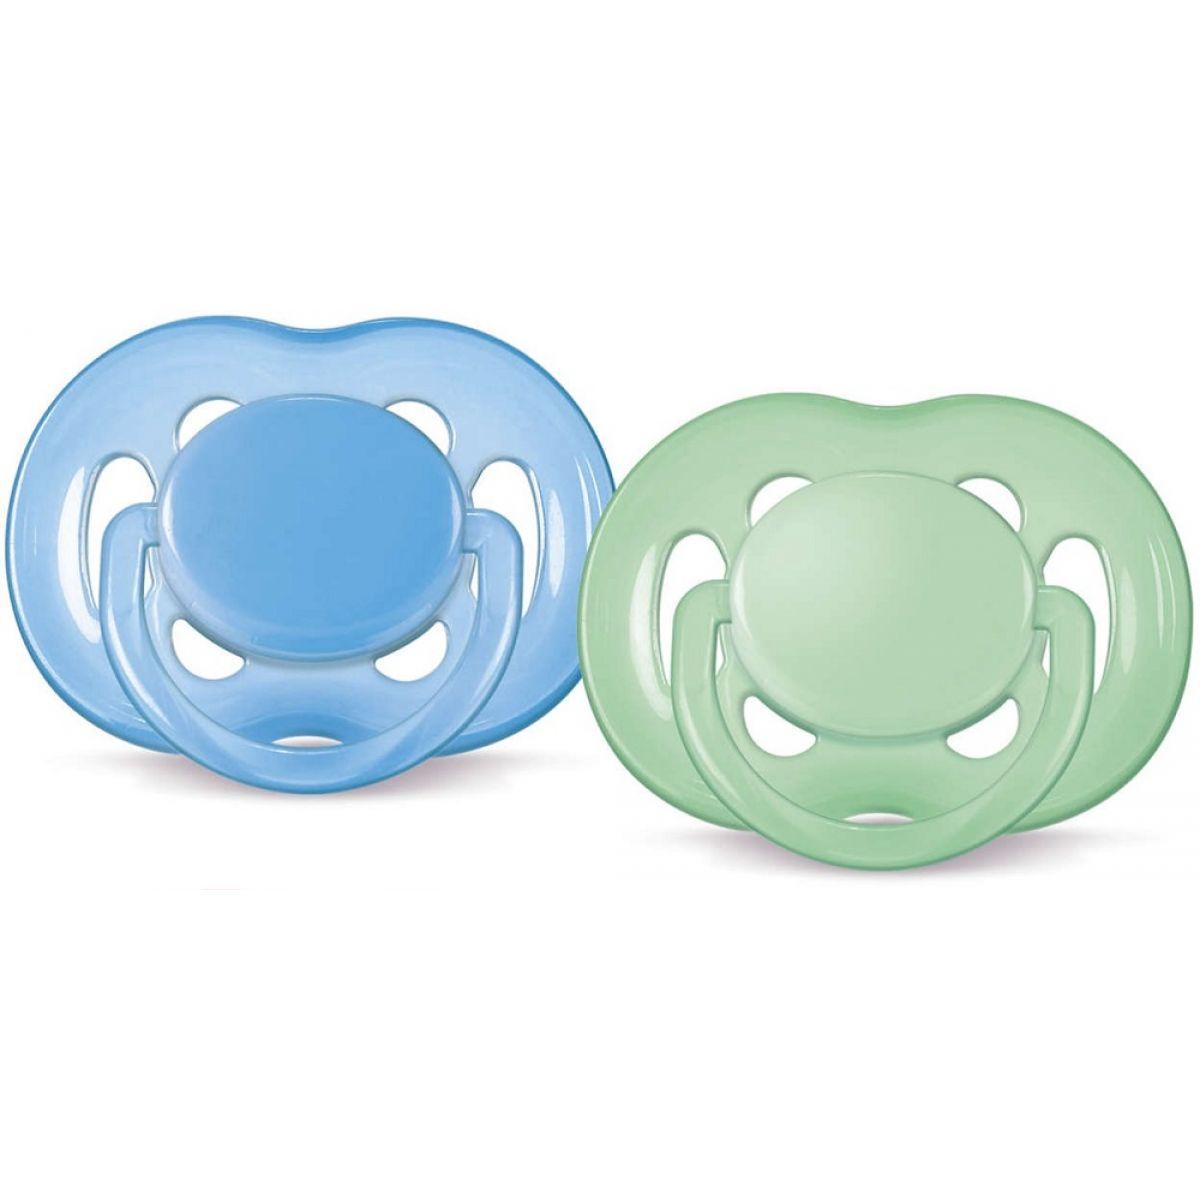 Philips Avent Šidítka Sensitive 6 - 18m 2ks - Modrá a zelená